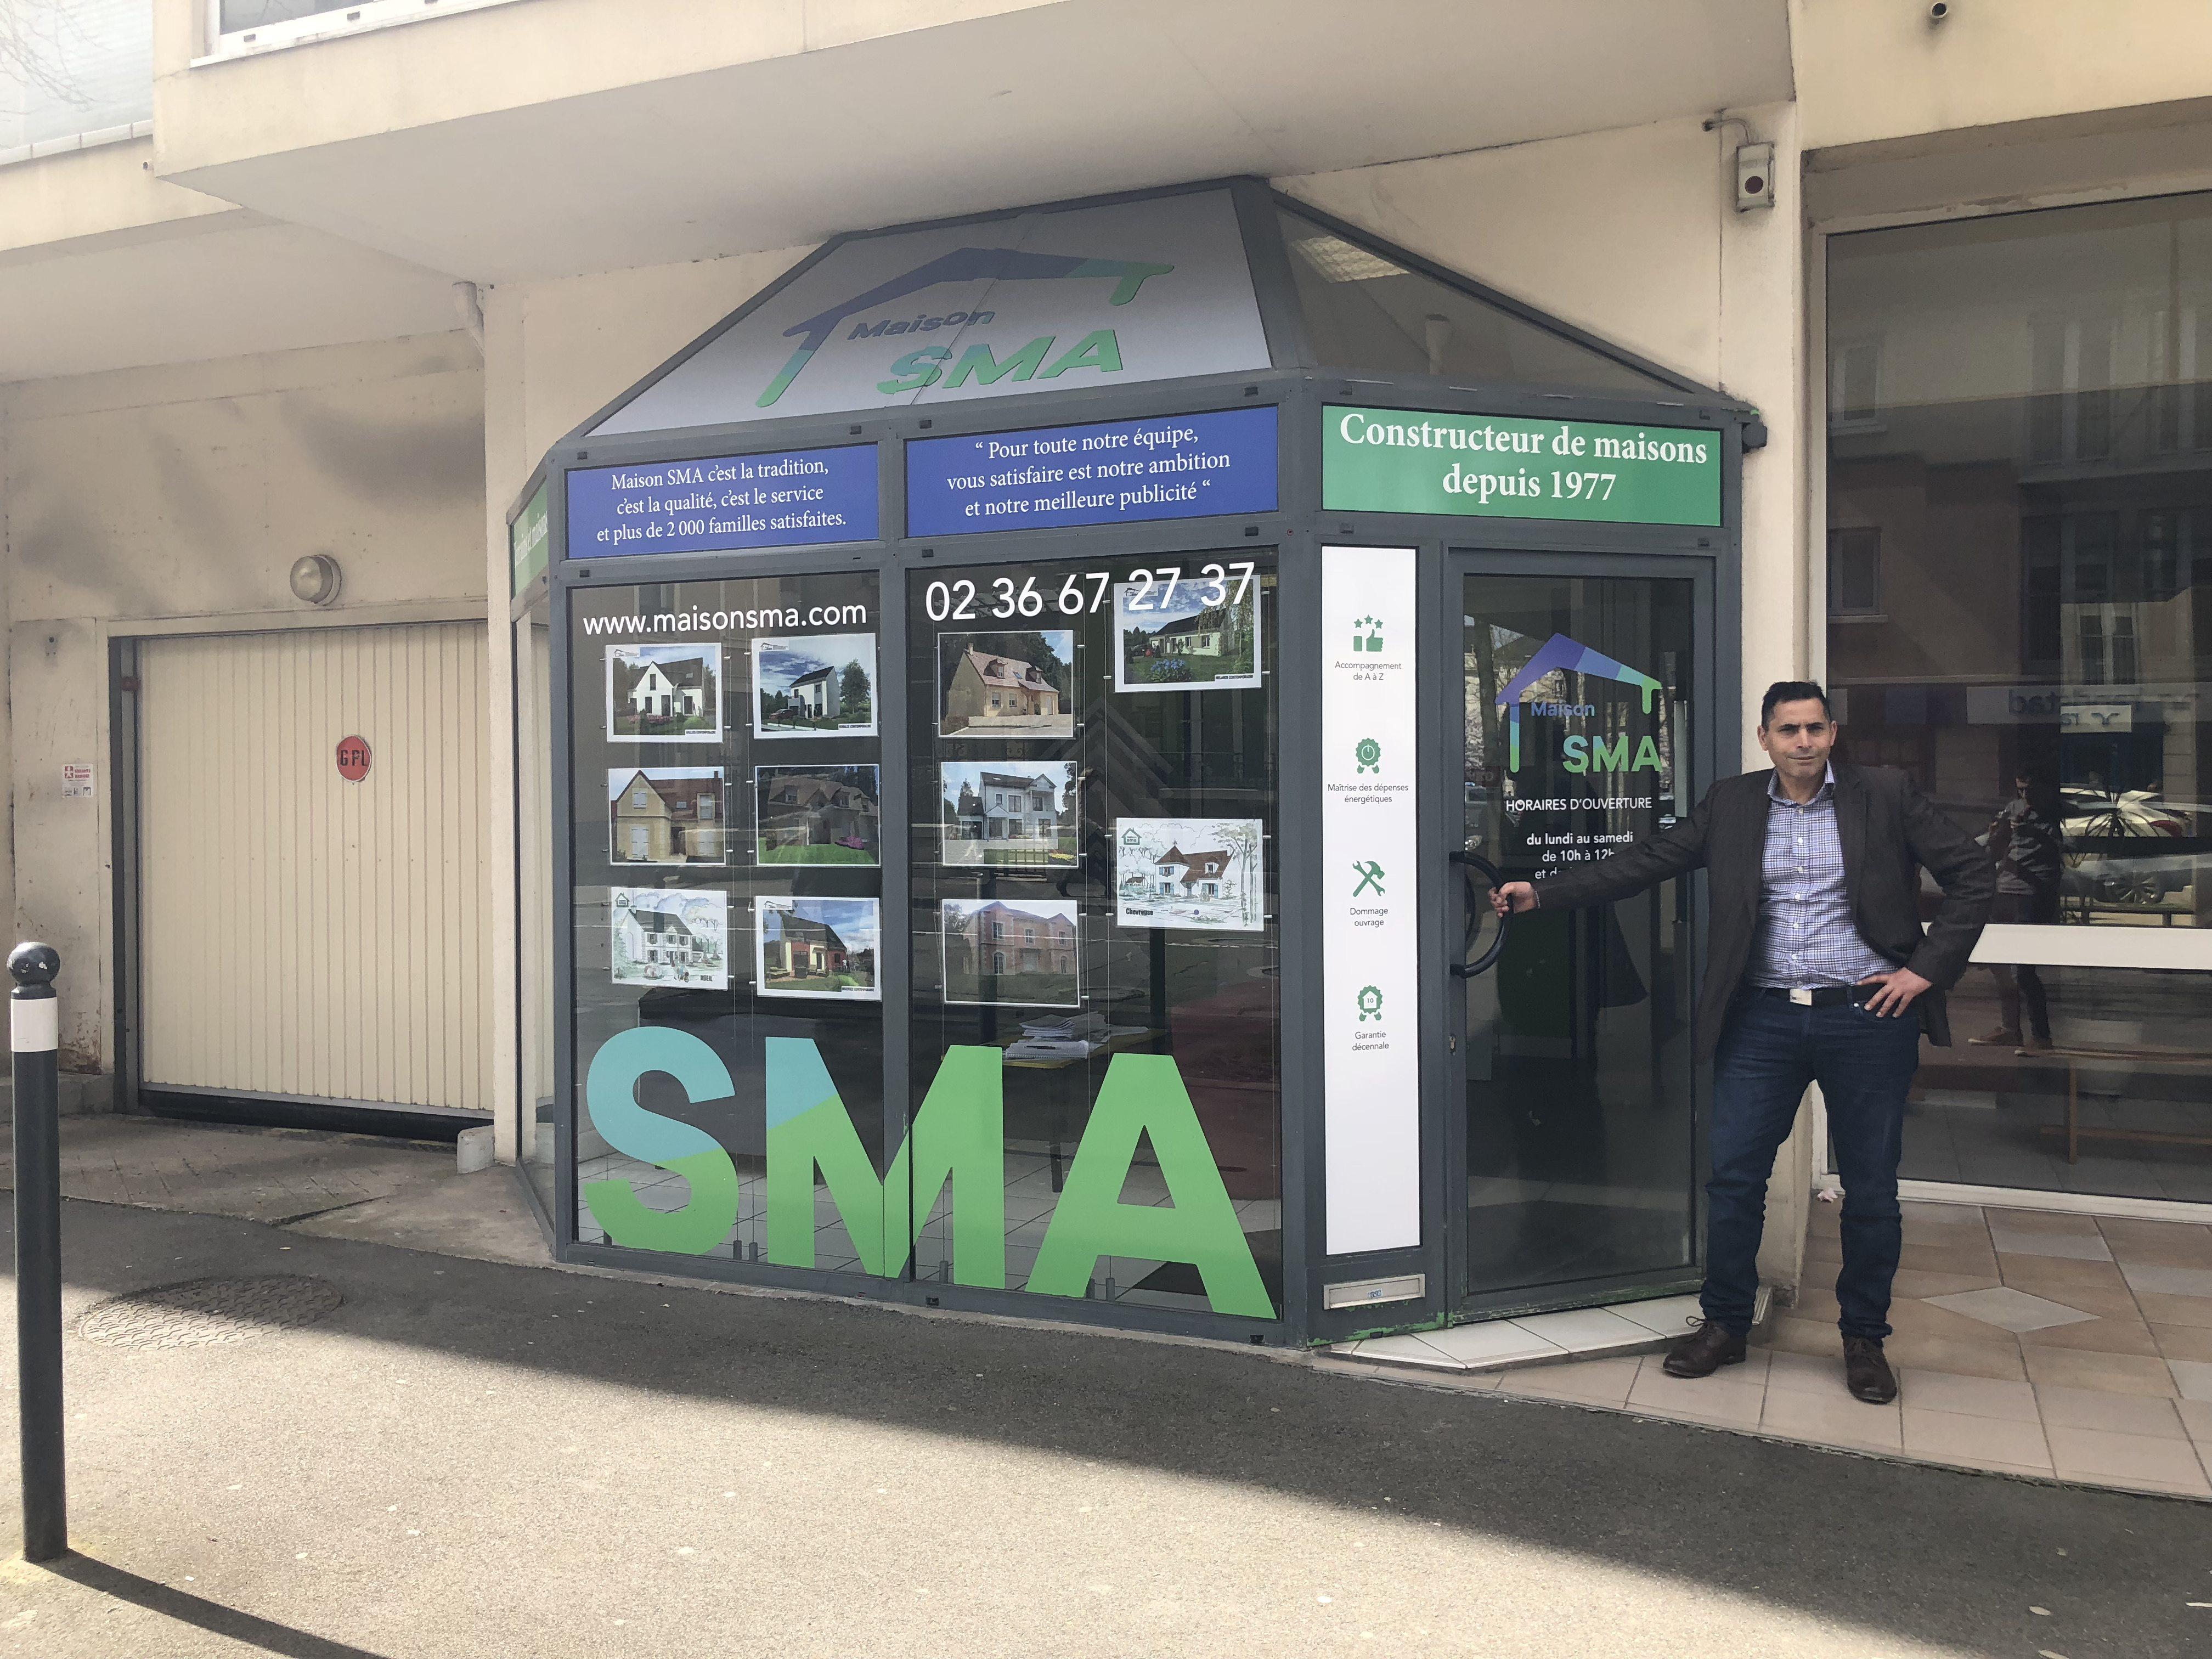 Constructeur De Maison Chartres ouverture de notre nouvelle agence sma domexpo - maison sma